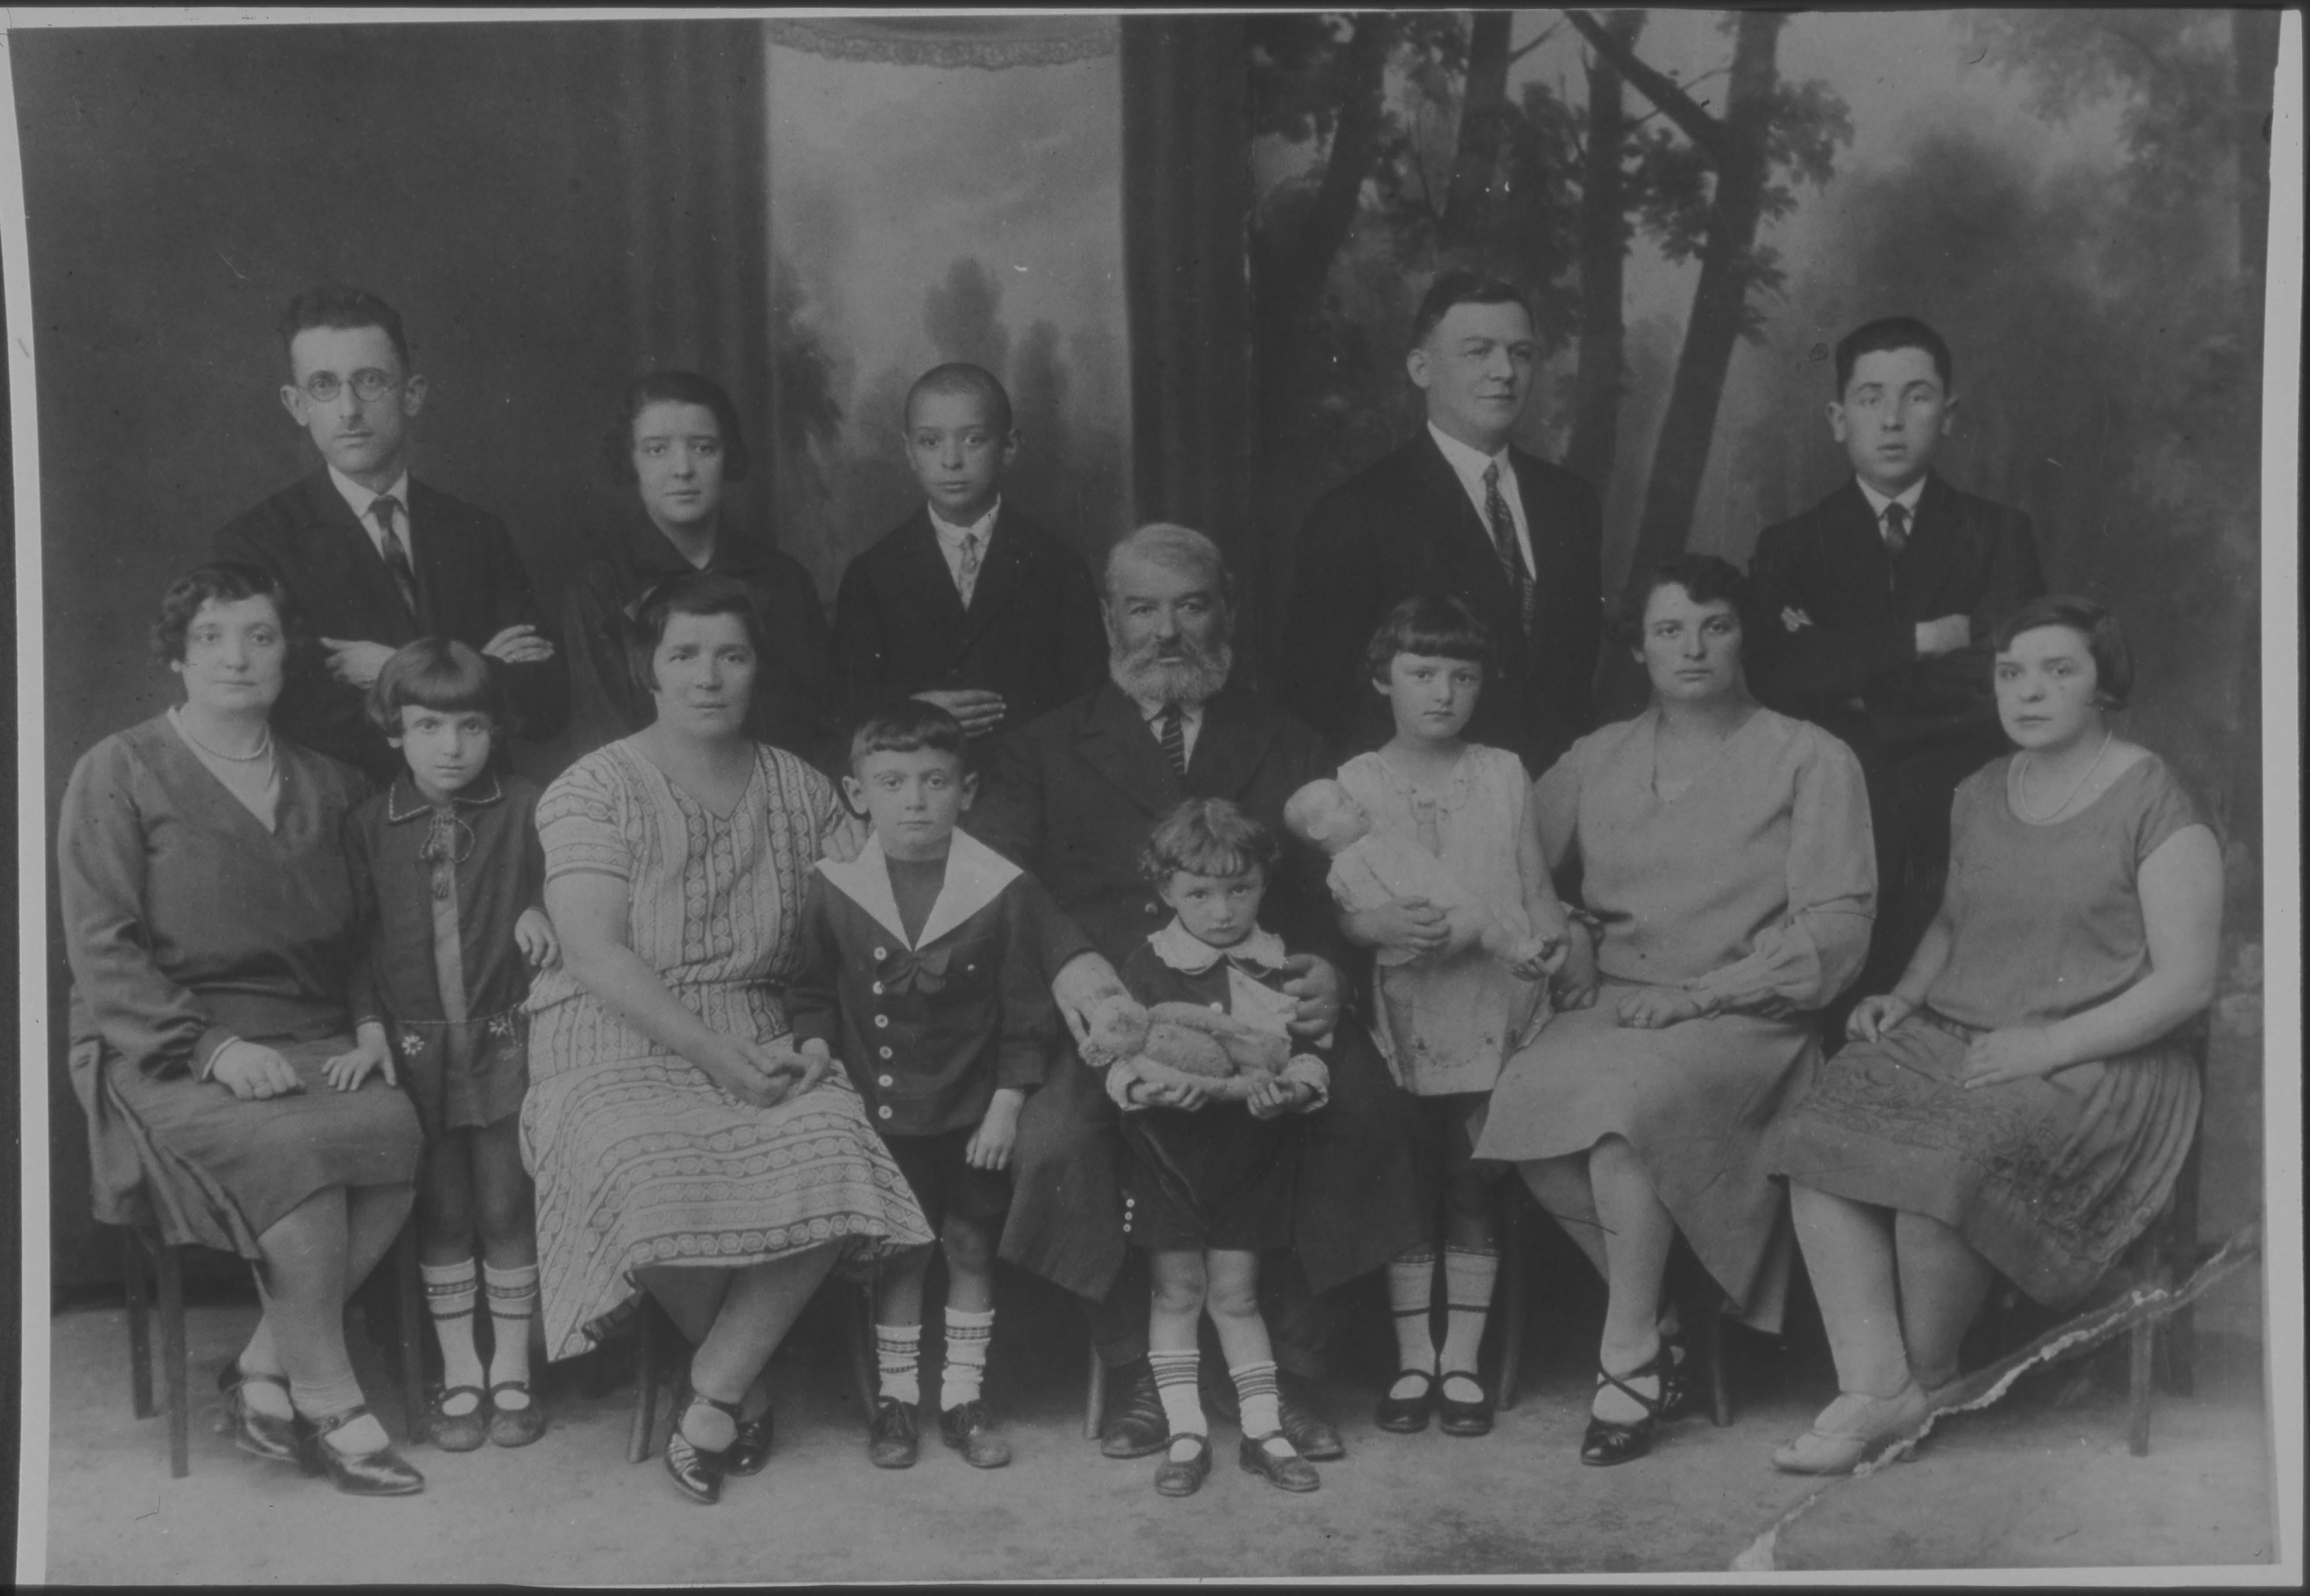 Renee Kolender's family on mother's side (Borenstain) late 1920s